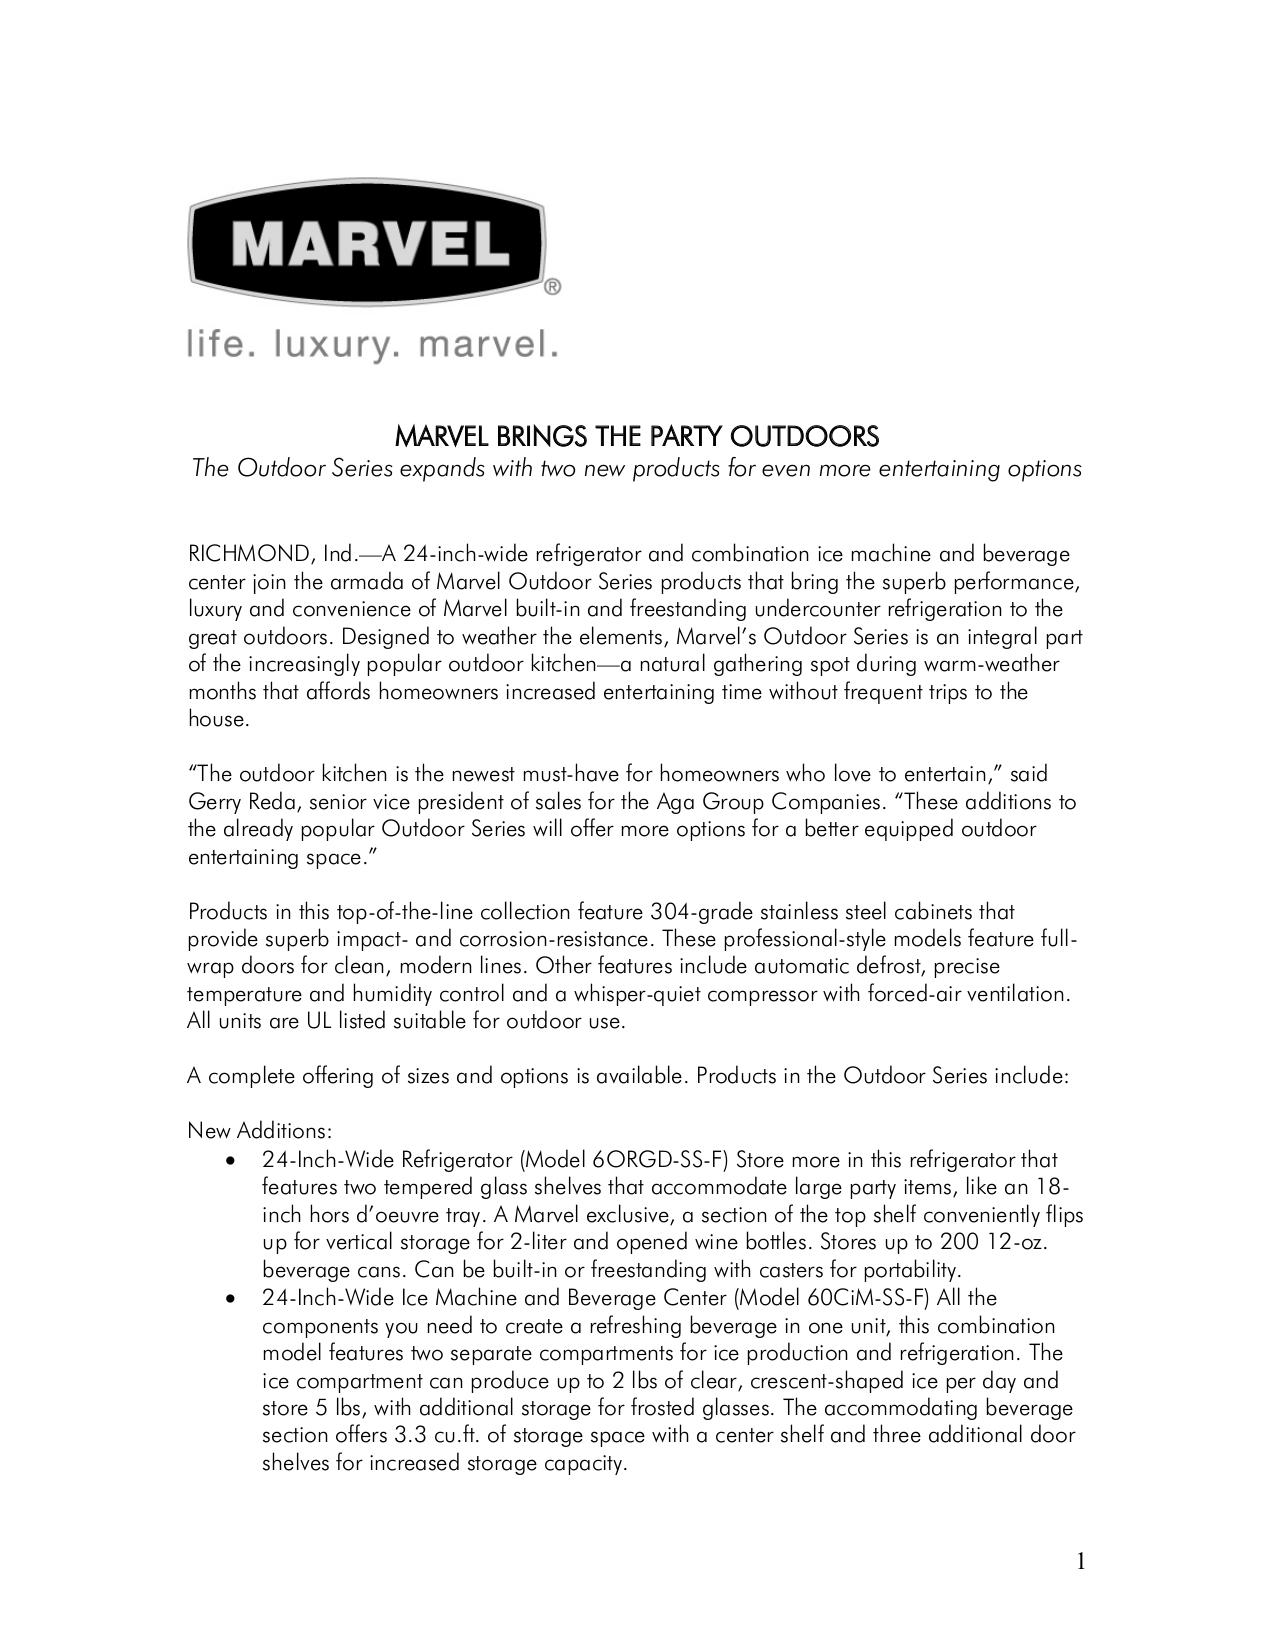 pdf for Marvel Refrigerator 6OBAR-SS-F manual